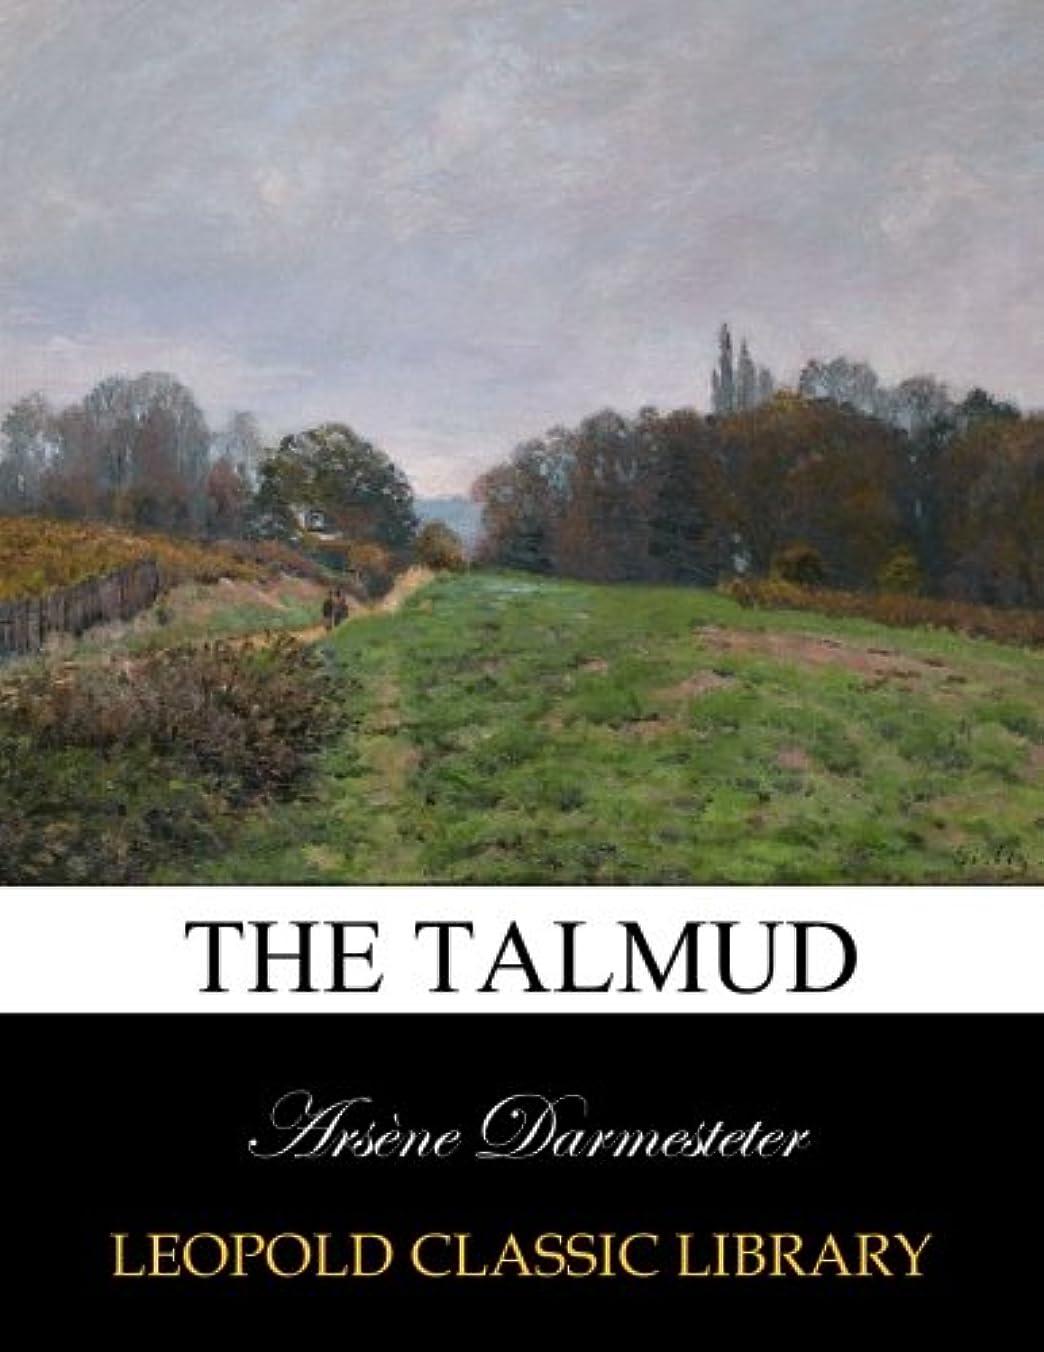 運動圧縮された申請中The Talmud